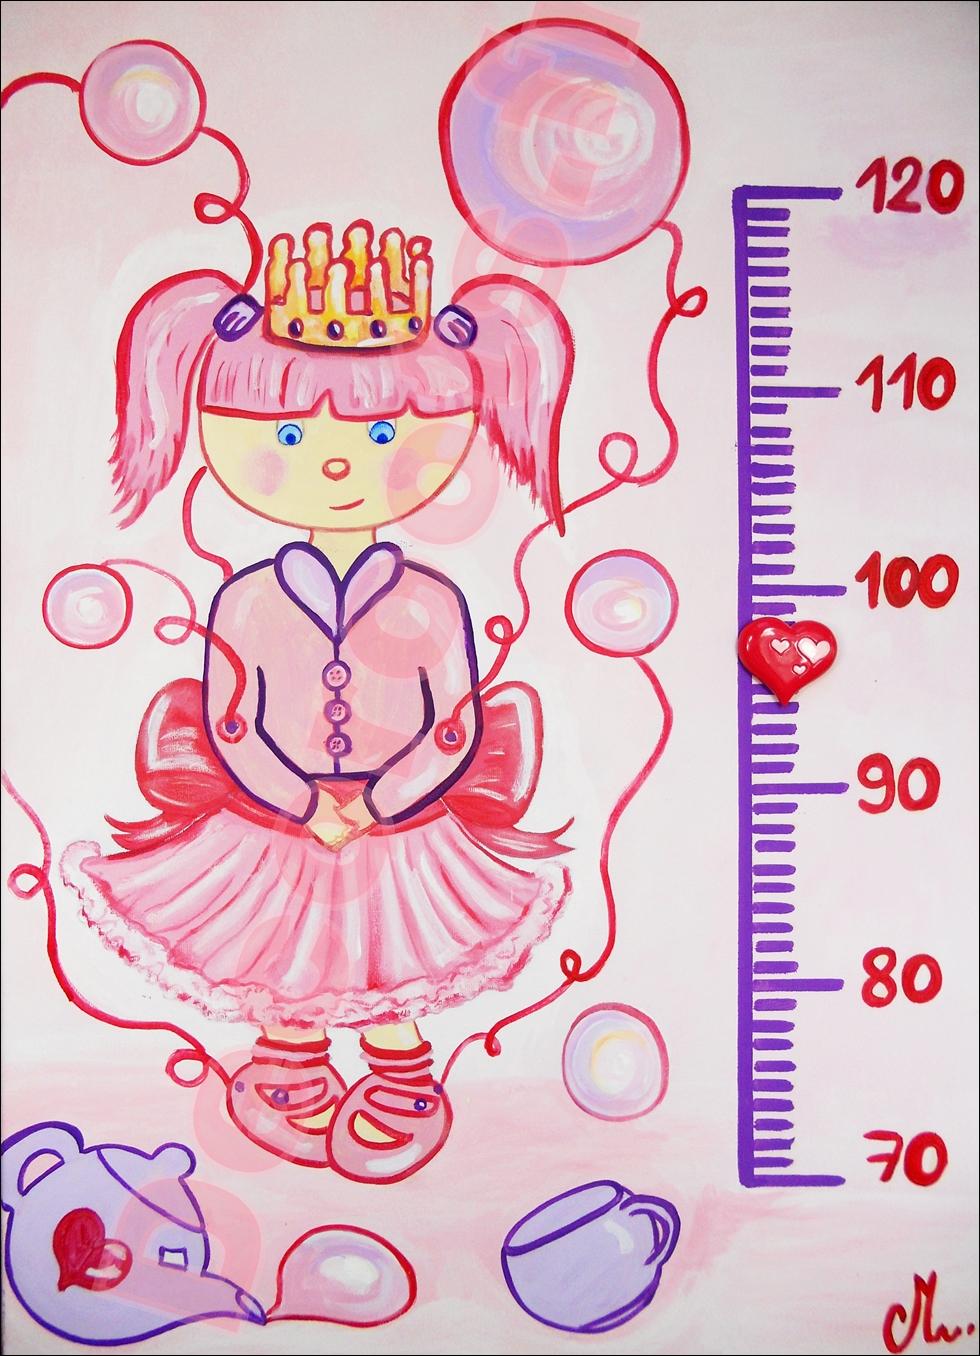 toise enfant bébé fille princesse poupée violet parme rose bulles fuschia pastel